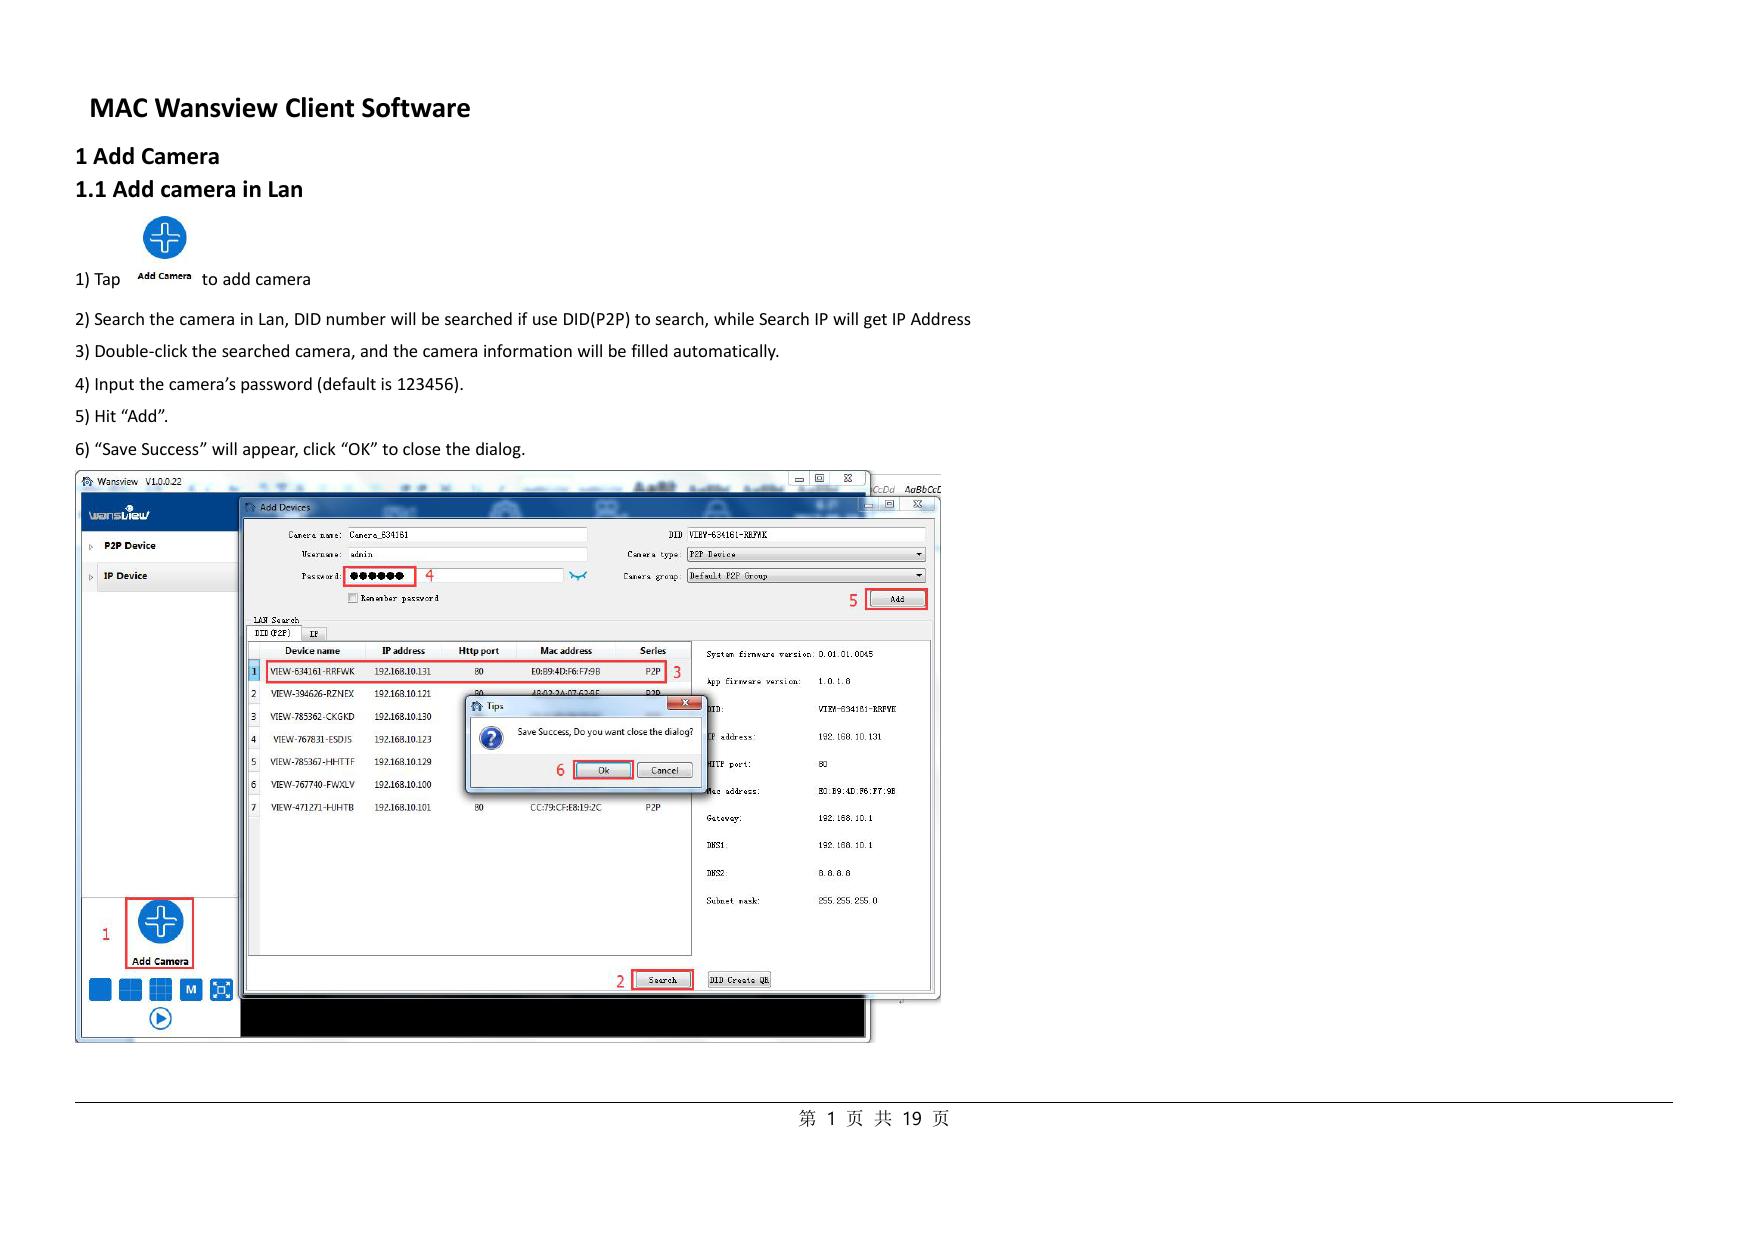 MAC Wansview Client Software | manualzz com